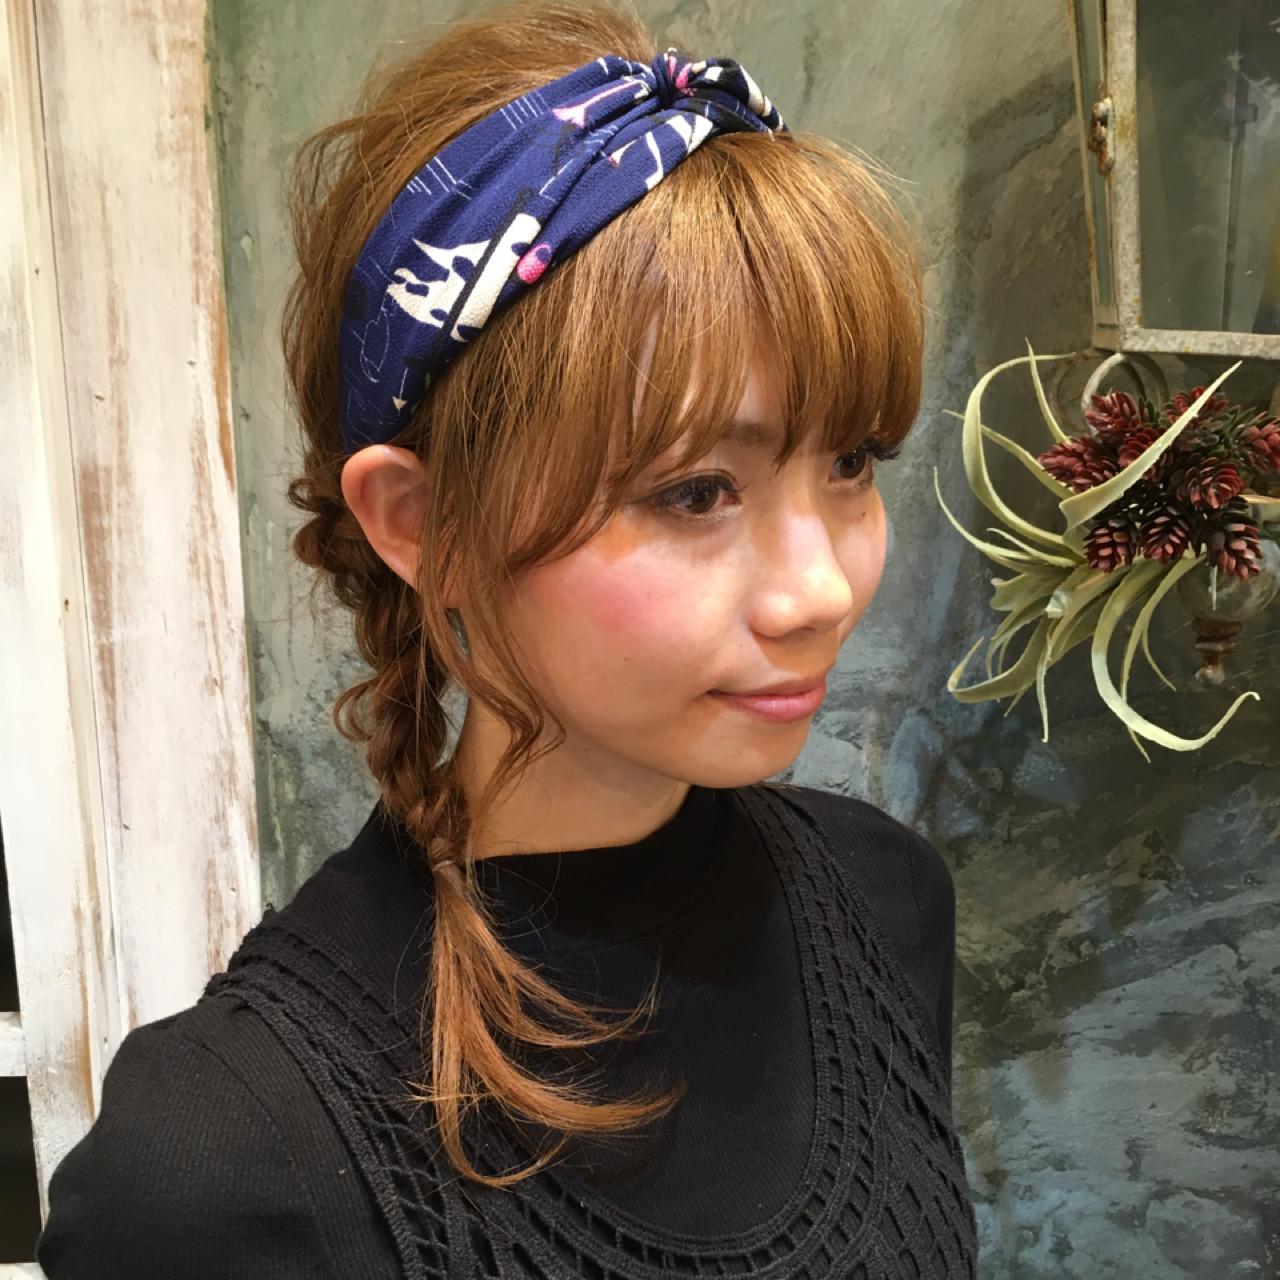 ショート ミディアム ヘアアレンジ ハーフアップ ヘアスタイルや髪型の写真・画像 | 西川 賢一 blast / blast